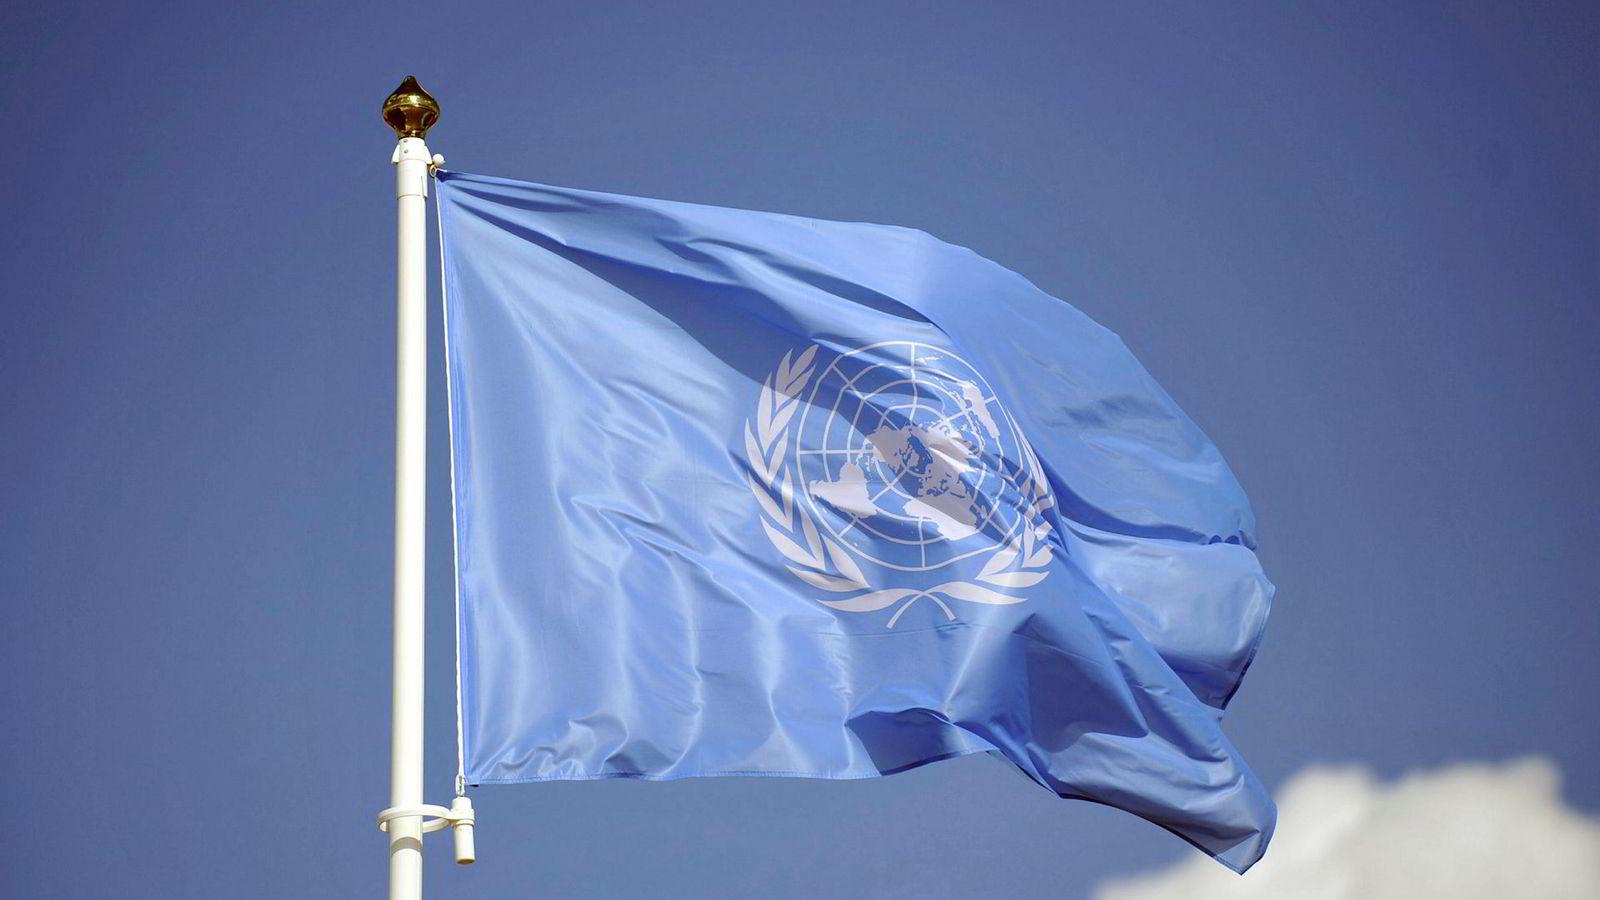 Migrasjonspakten har som mål å styre migrasjon og styrke migranters rettigheter, men sliter med å få gjennomslag i FN.